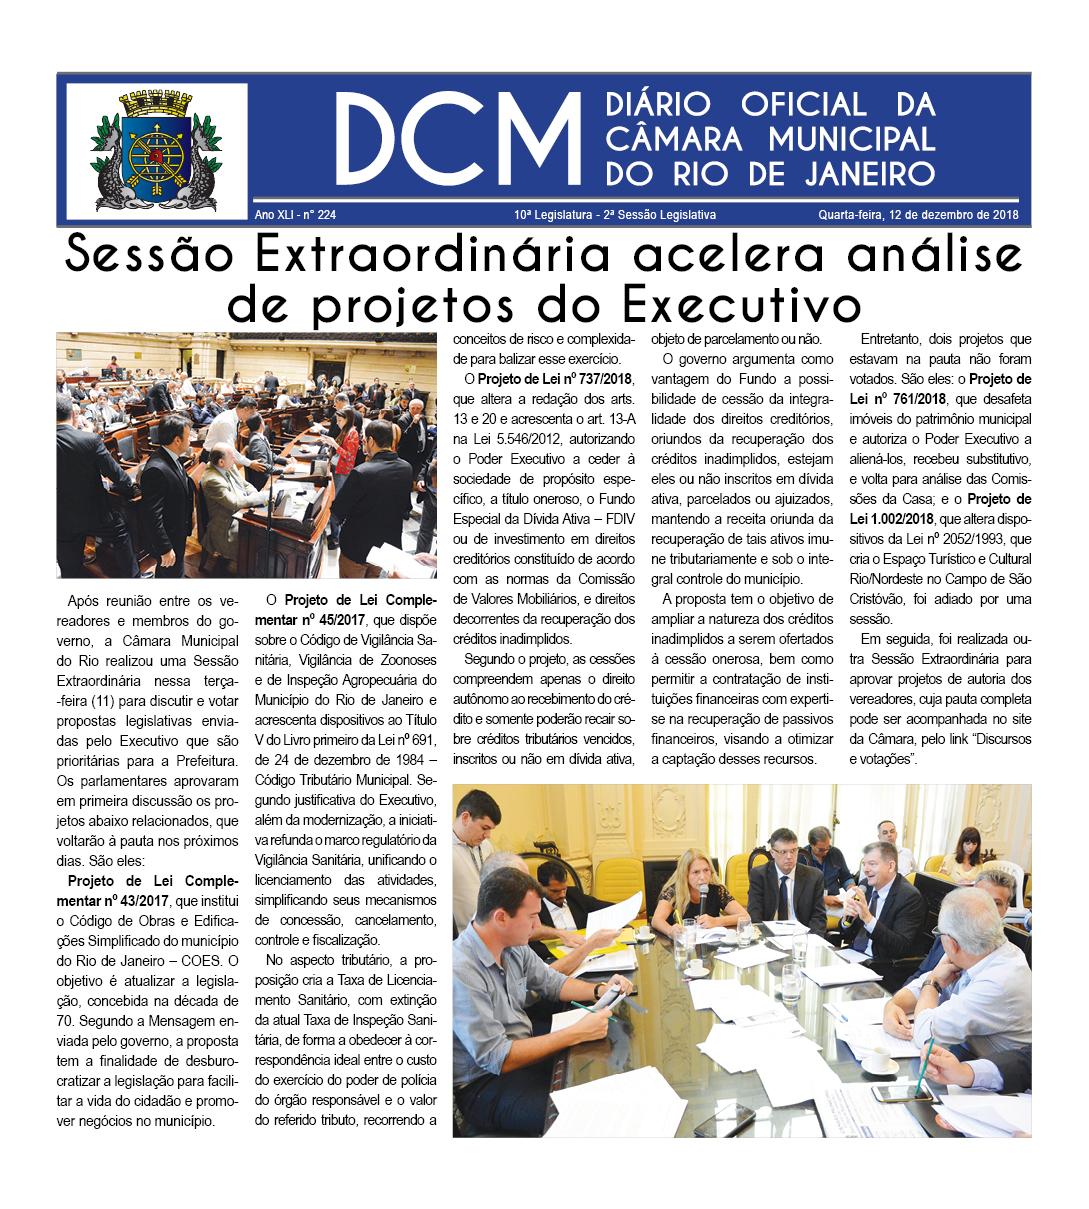 Diario da Camara Municipal